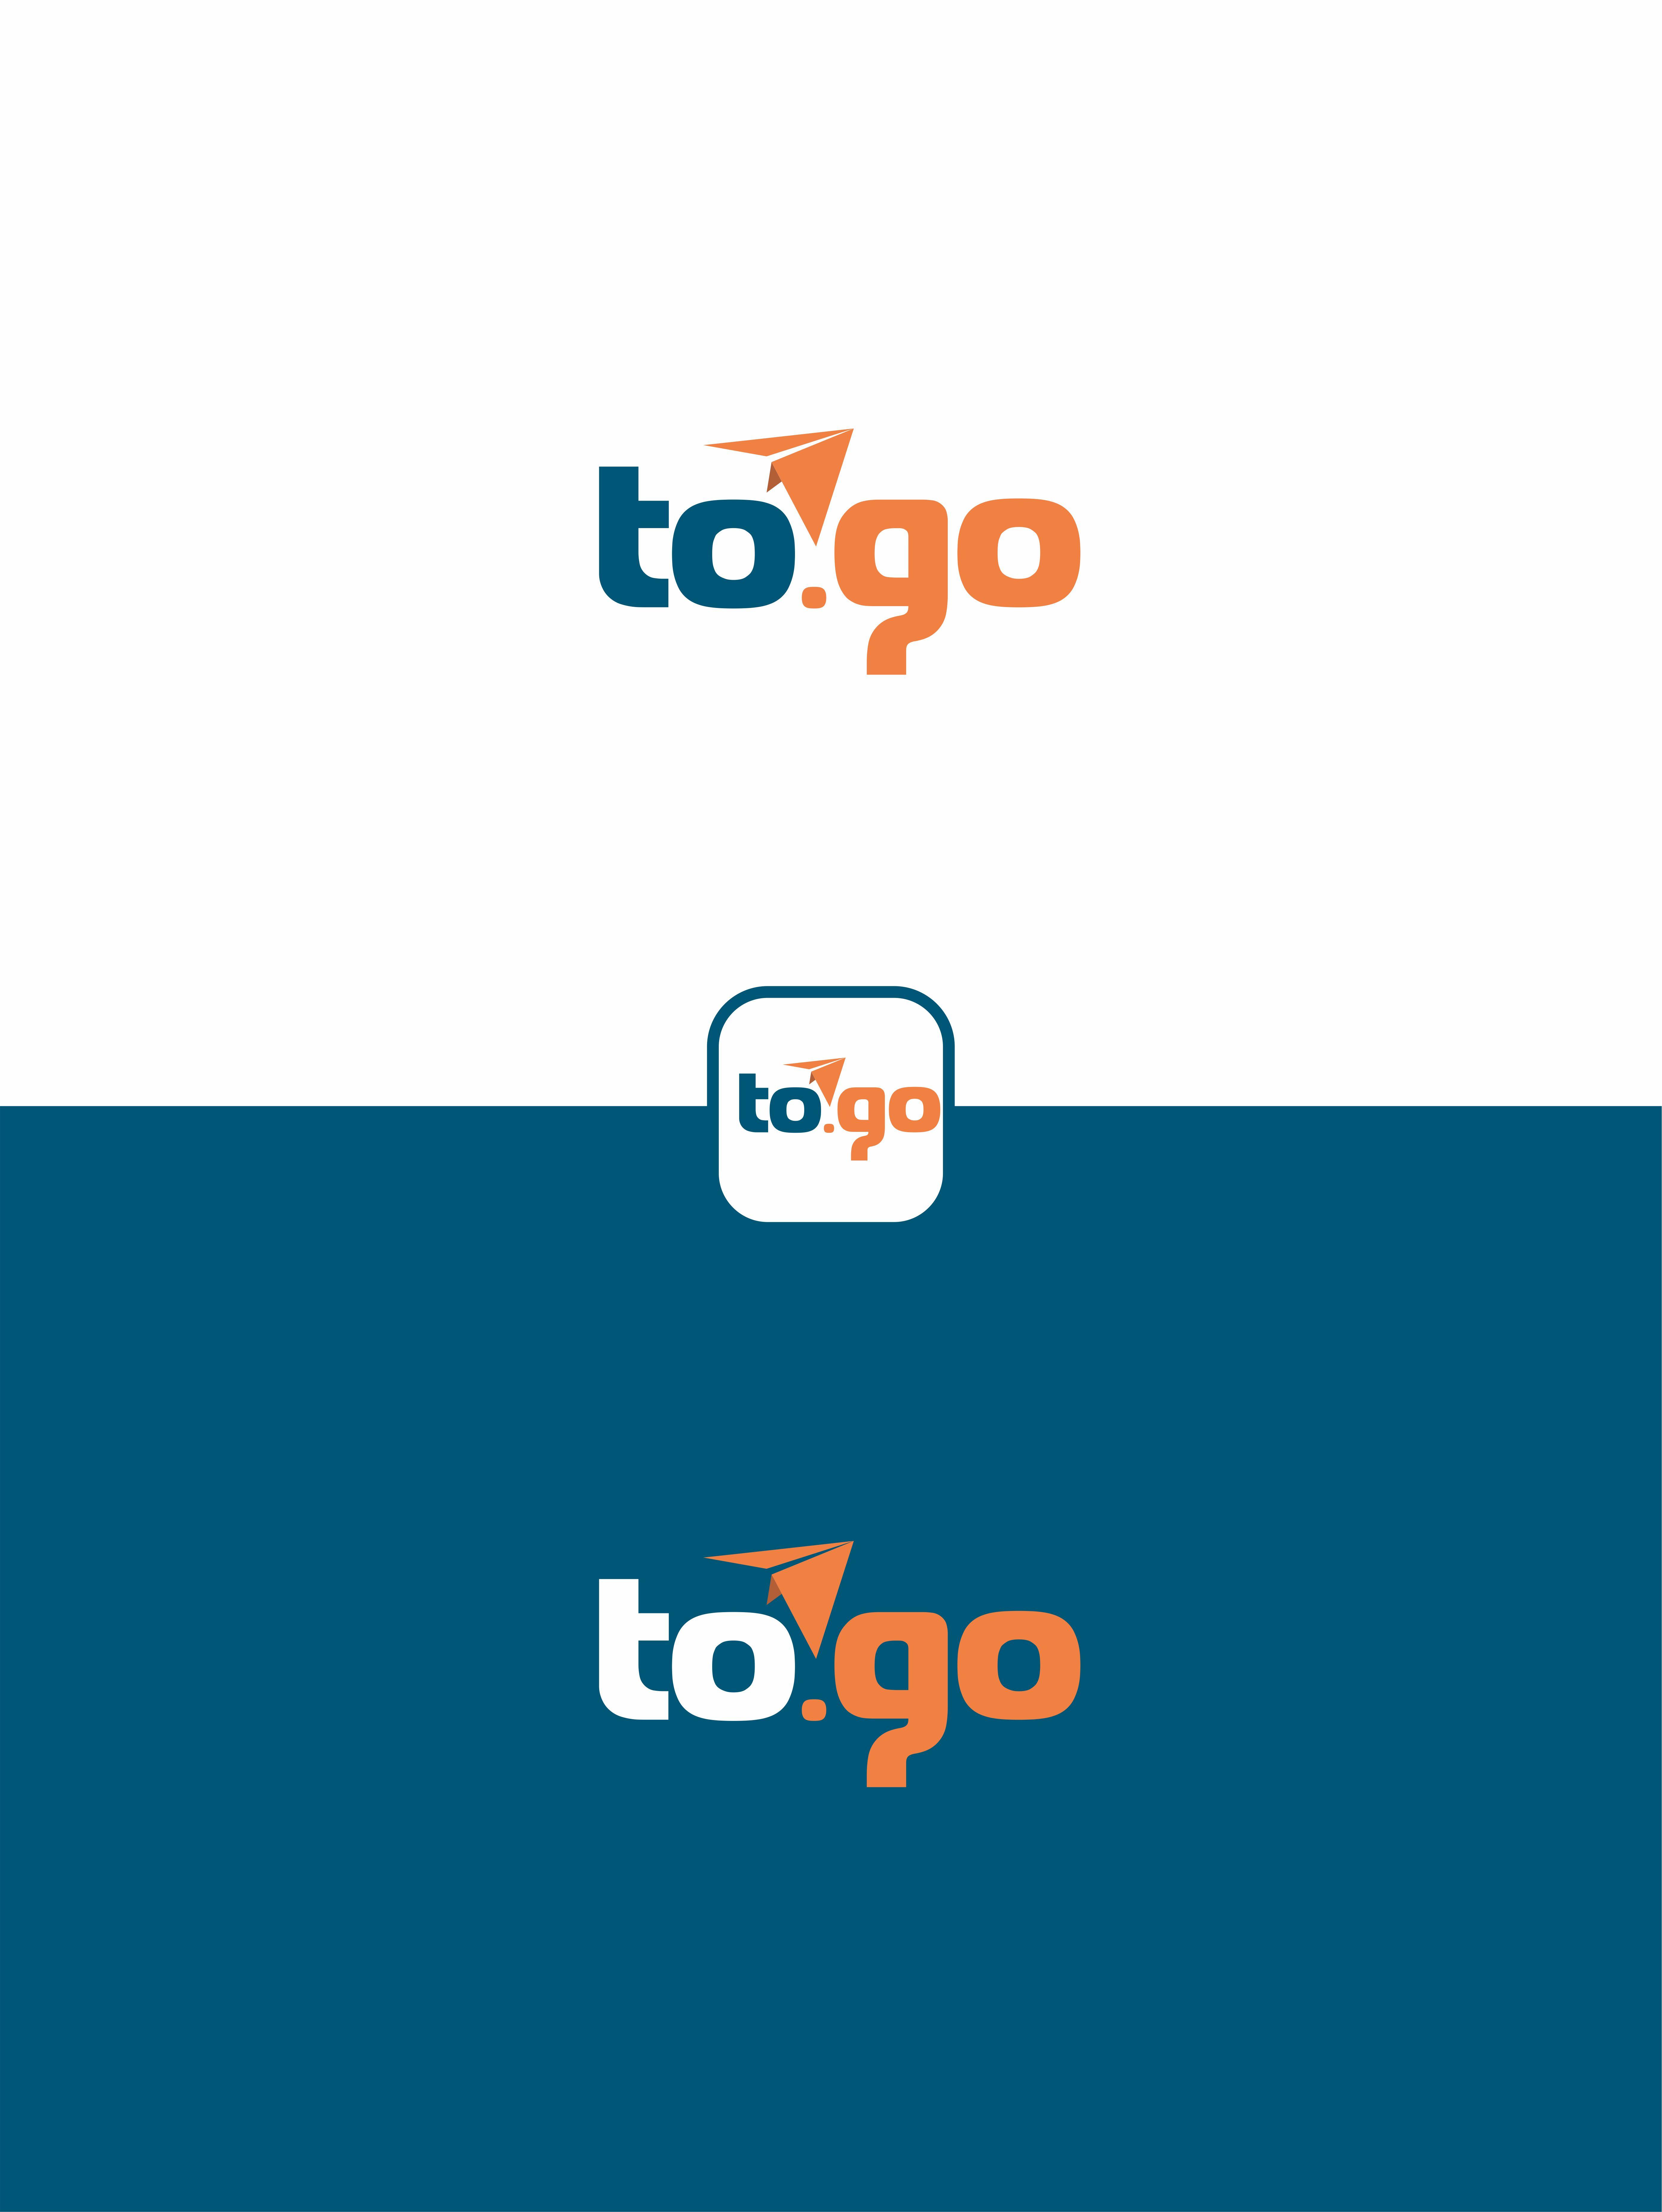 Разработать логотип и экран загрузки приложения фото f_5925a86db13e80ff.jpg